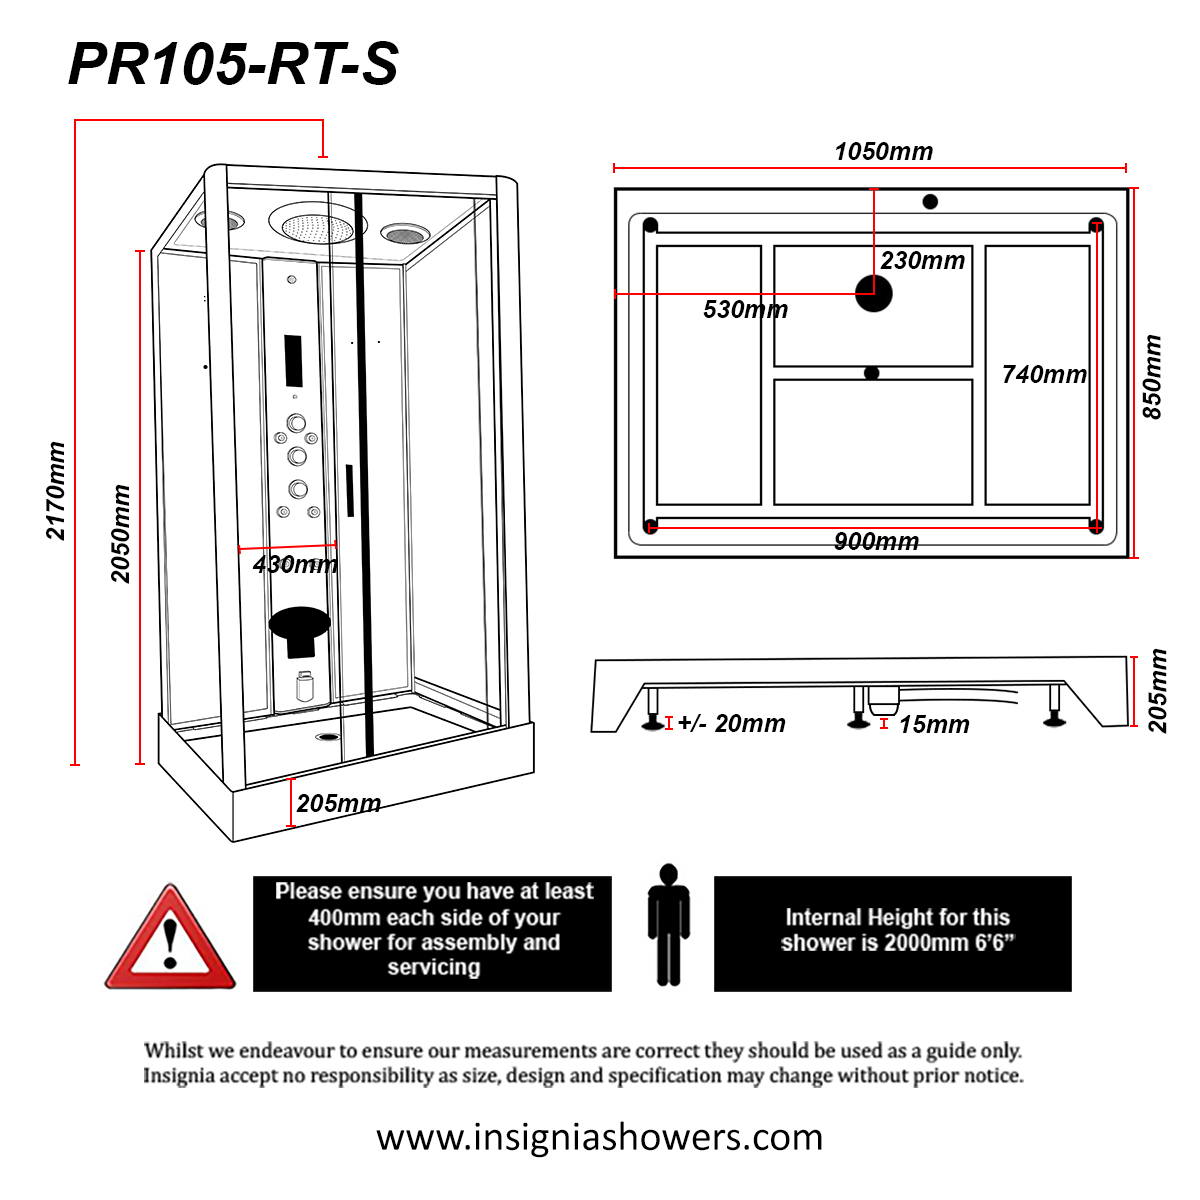 PR105-RT-S